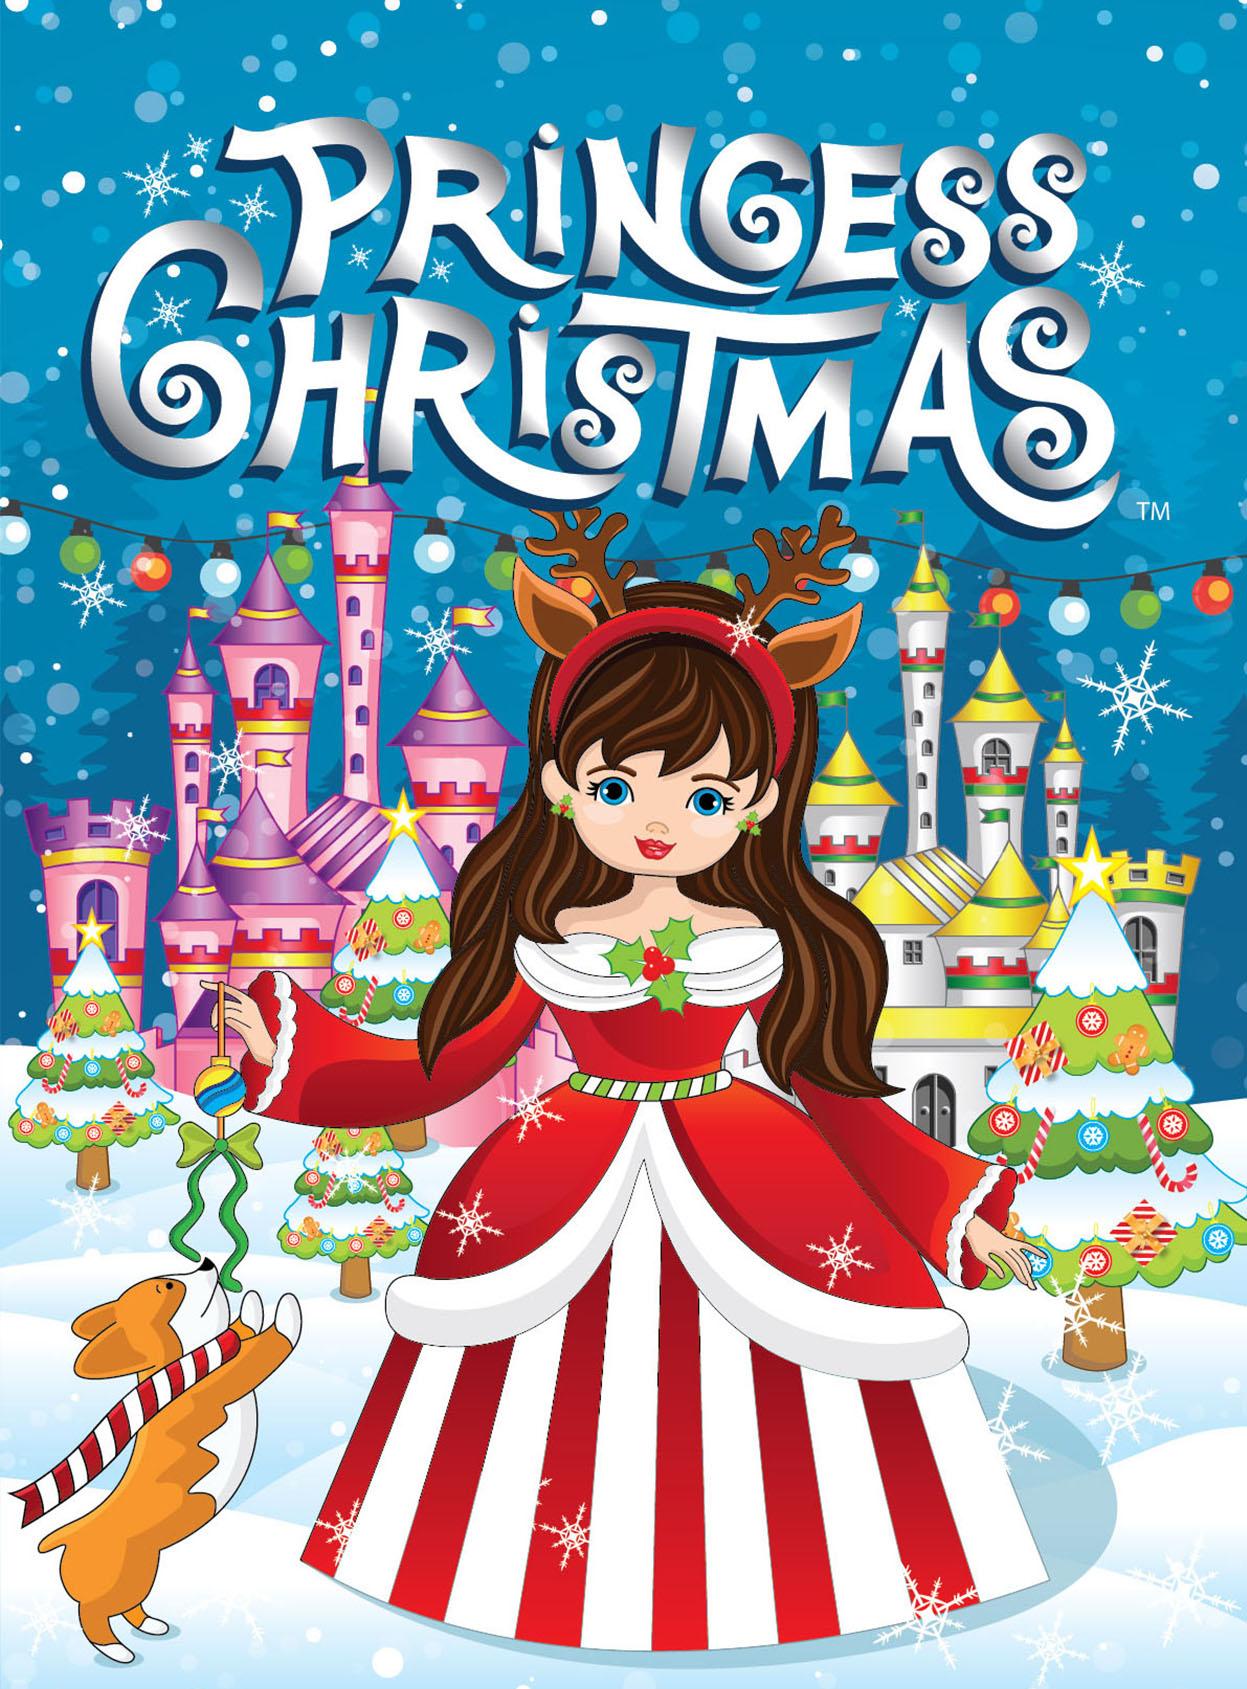 Princess christmas foileffect-01.jpg